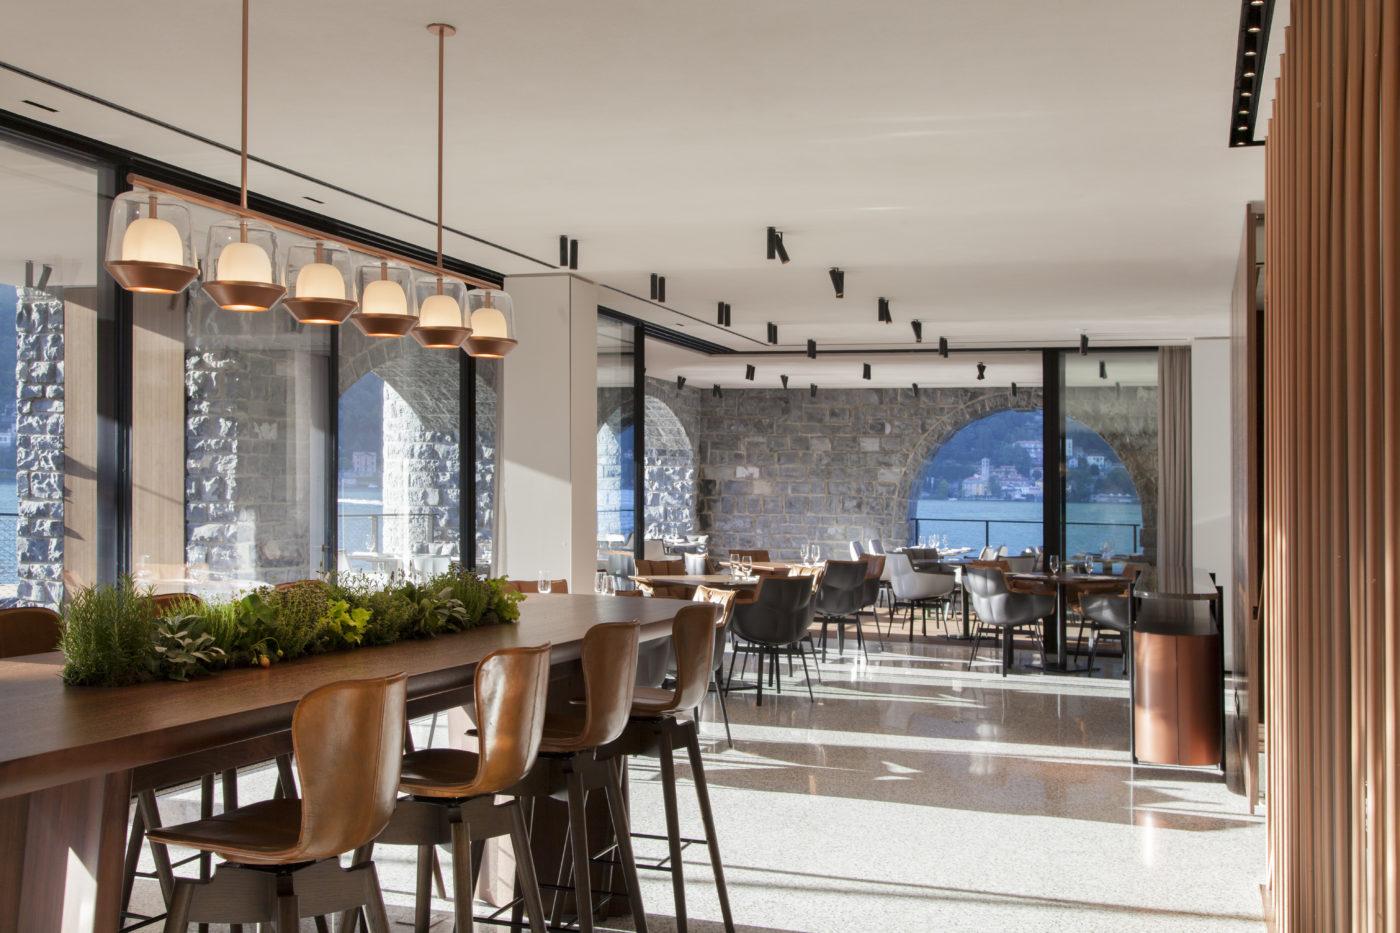 Hotel Di Lusso Interni : Il sereno design hotel di lusso sul lago di como ristorante interno